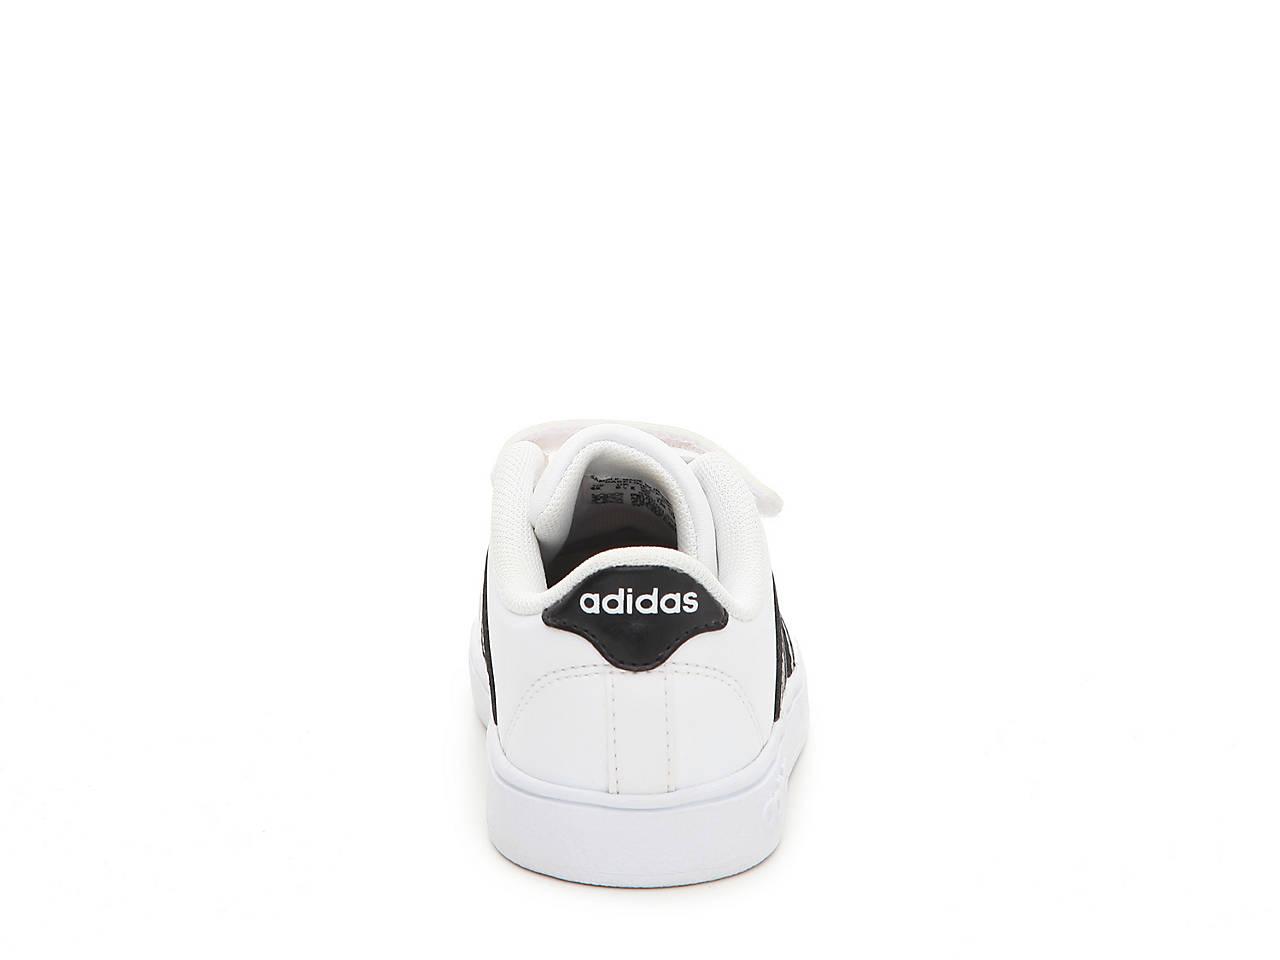 4d86f8ea97 adidas Baseline Infant & Toddler Sneaker Kids Shoes | DSW